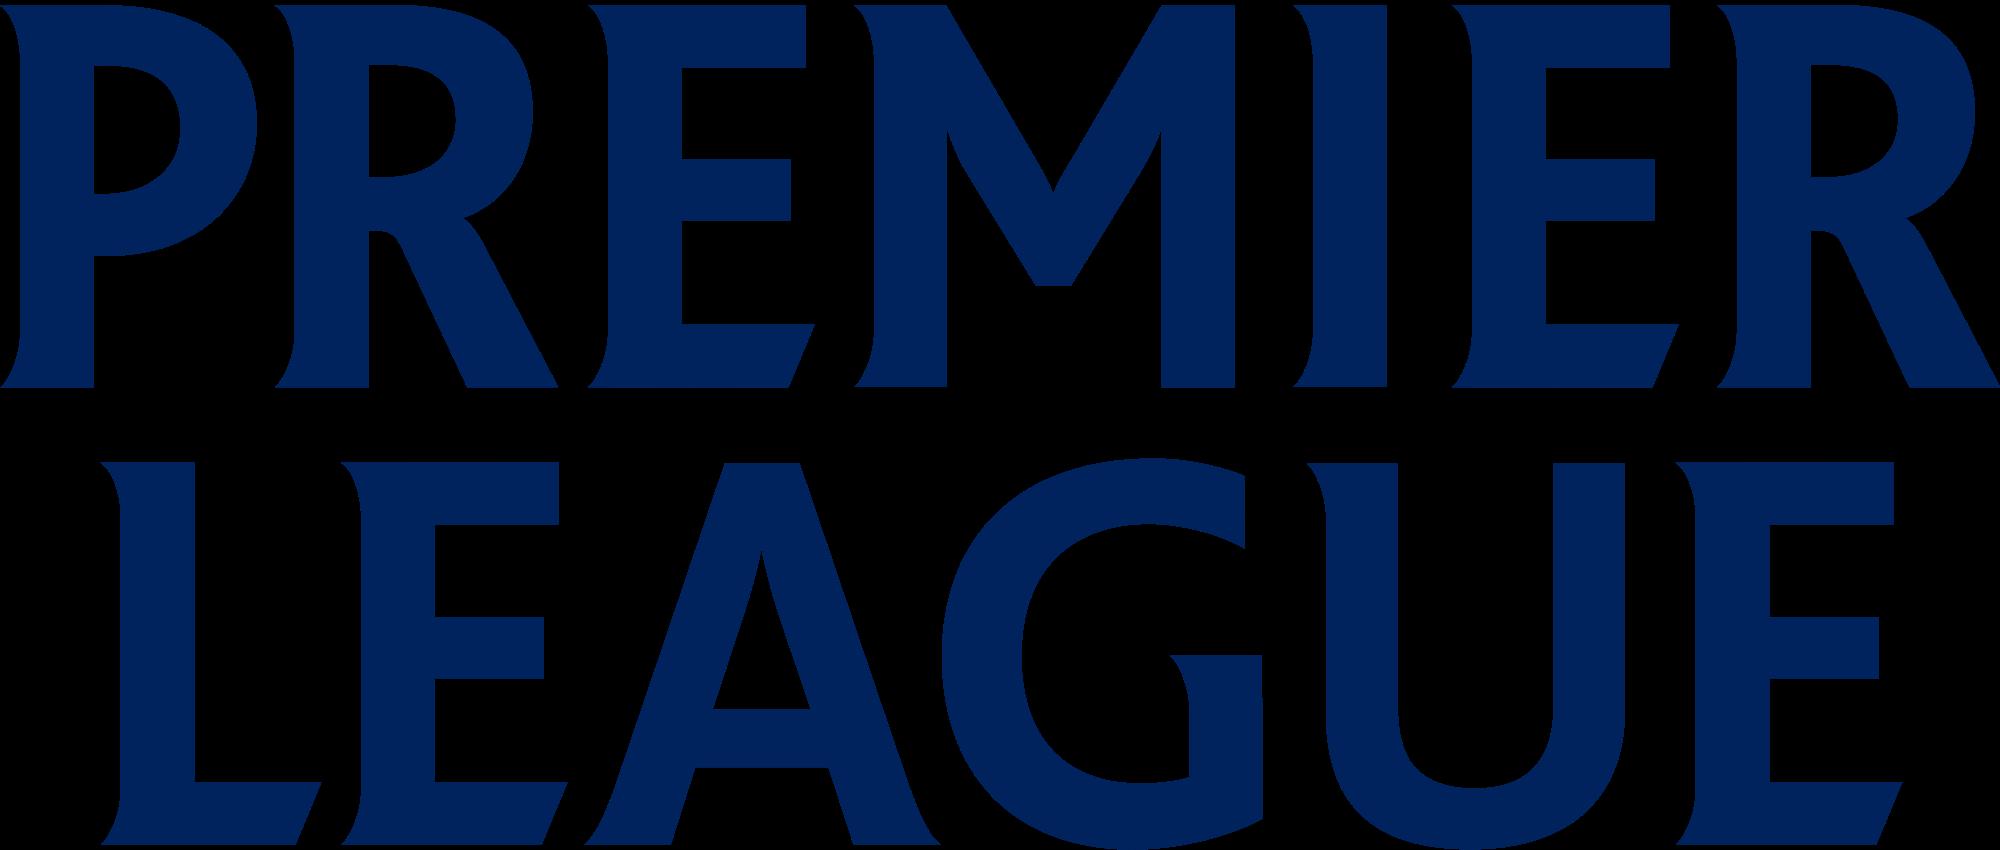 English Premier League 2013/2014